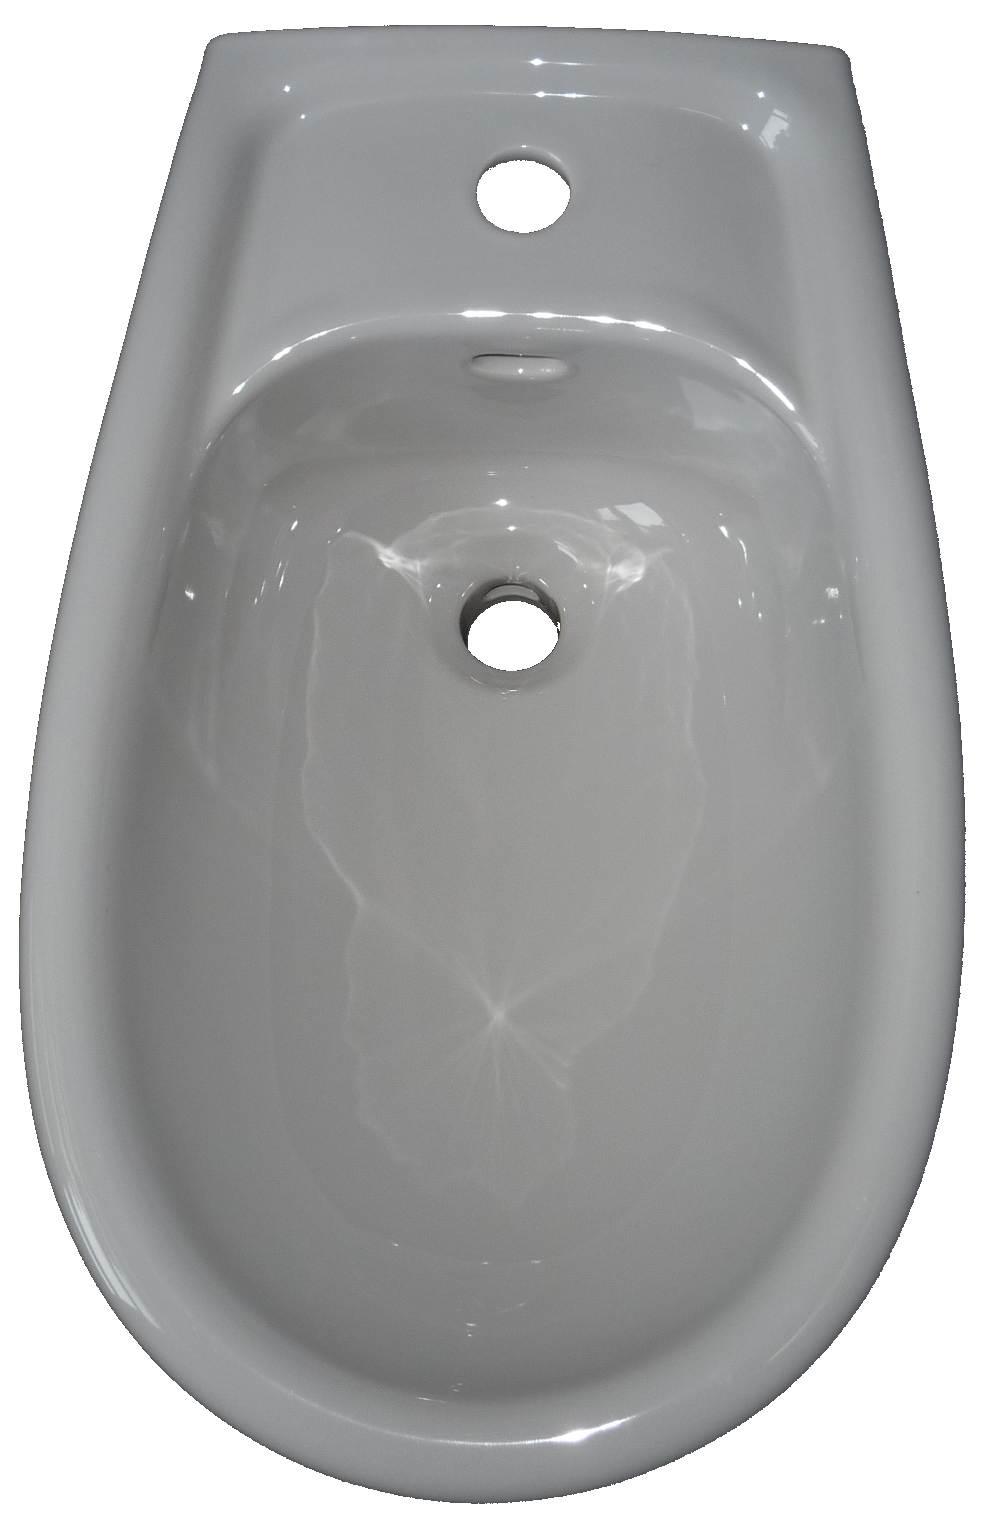 manhattan Wand-Bidet 58x35 cm Keramag Renova 2345 Bild 2